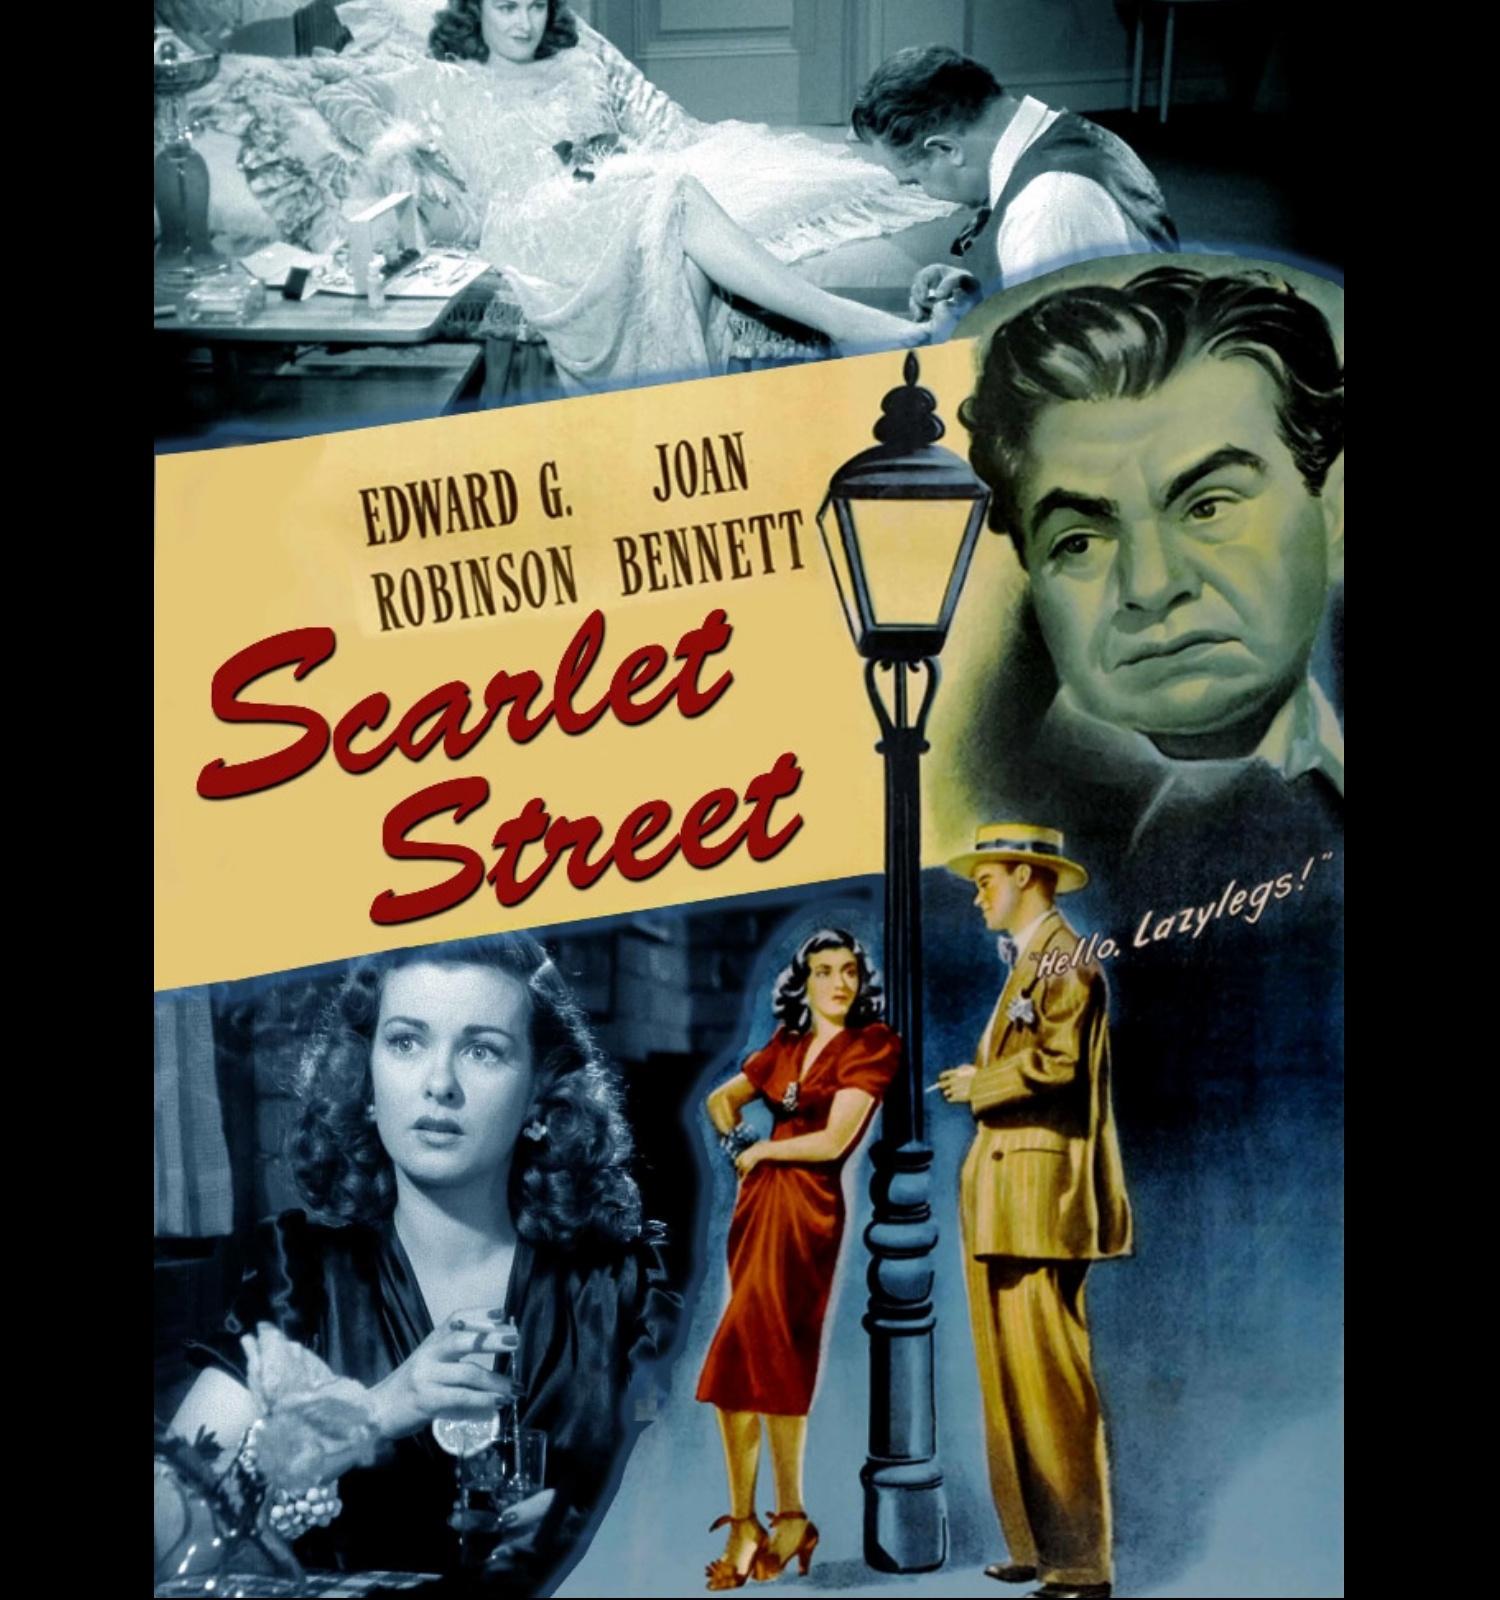 Cartell de la pel·lícula Scarlet Street